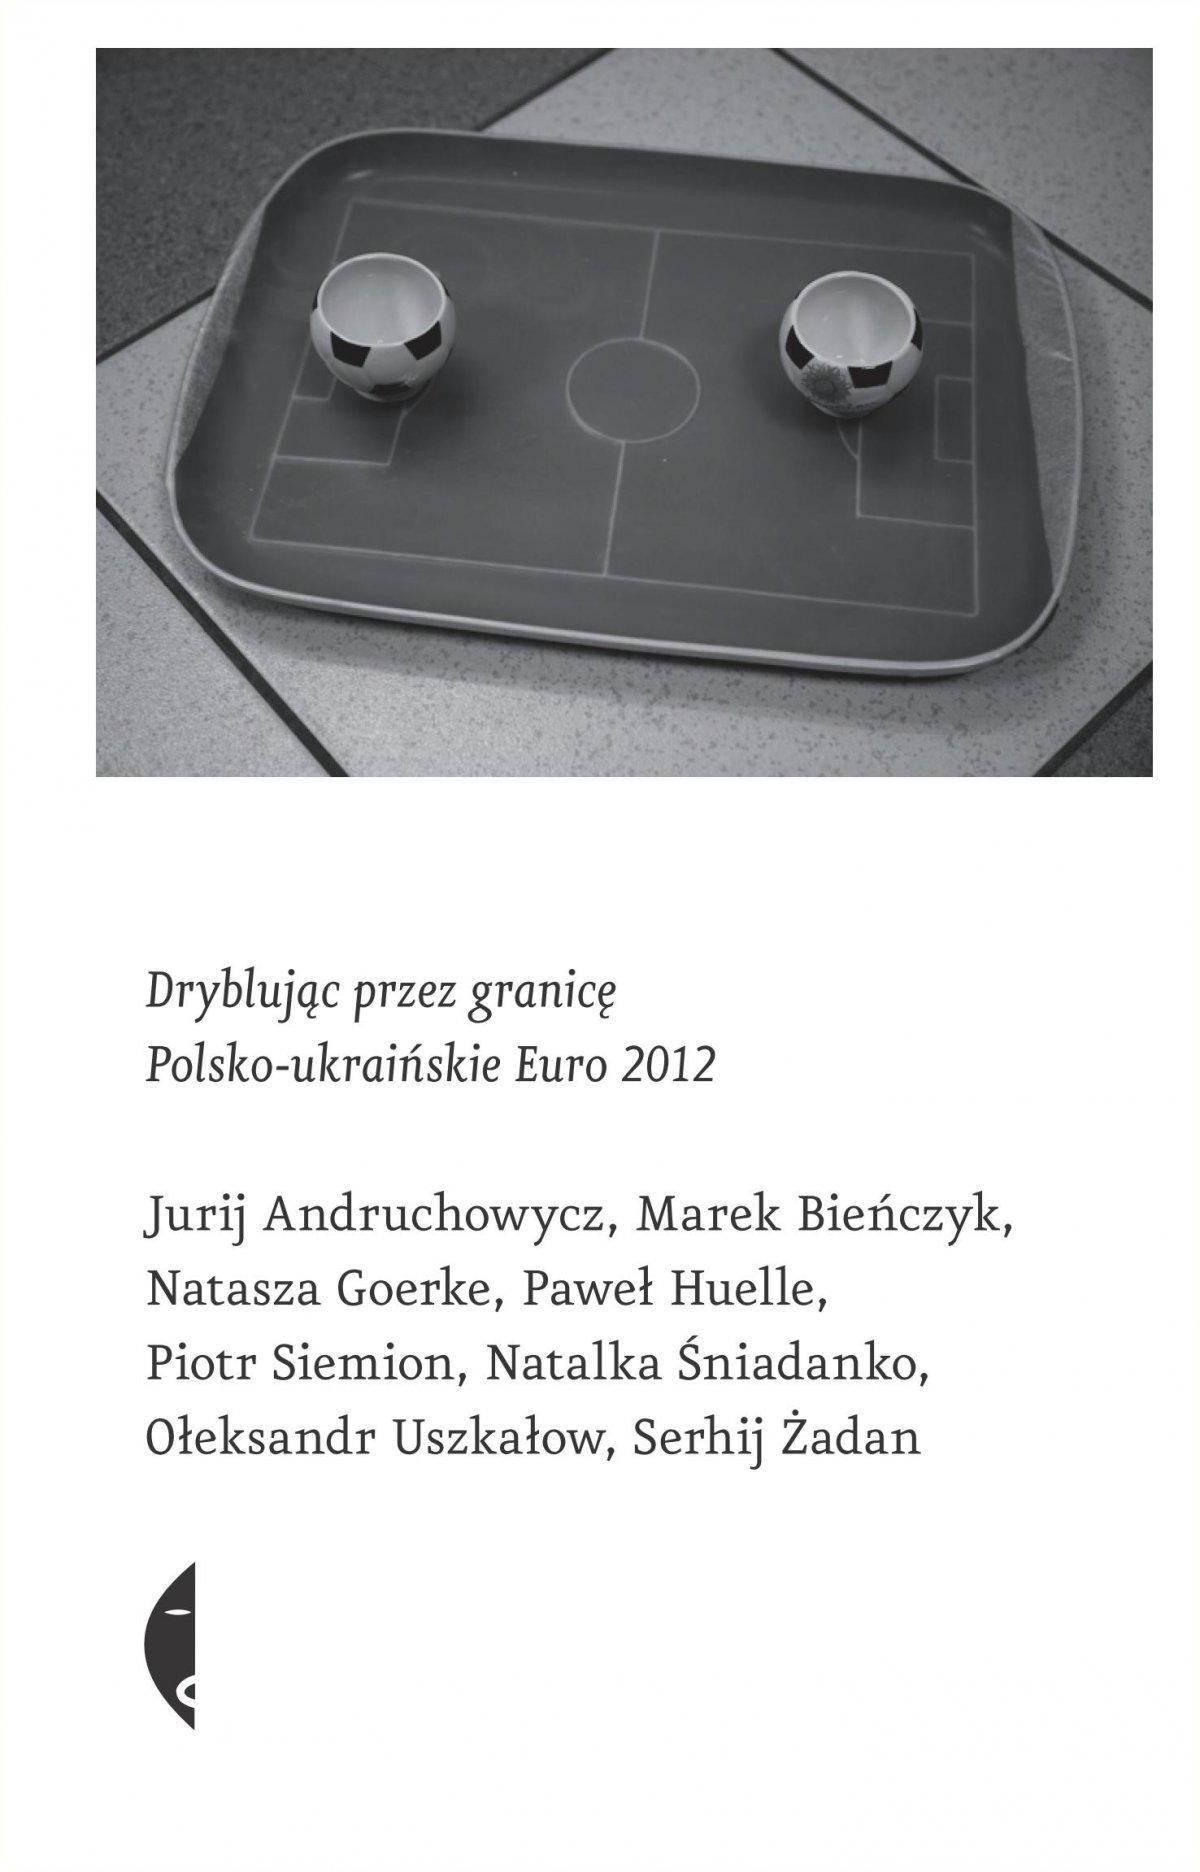 Dryblując przez granicę. Polsko-ukraińskie Euro 2012 - Ebook (Książka EPUB) do pobrania w formacie EPUB